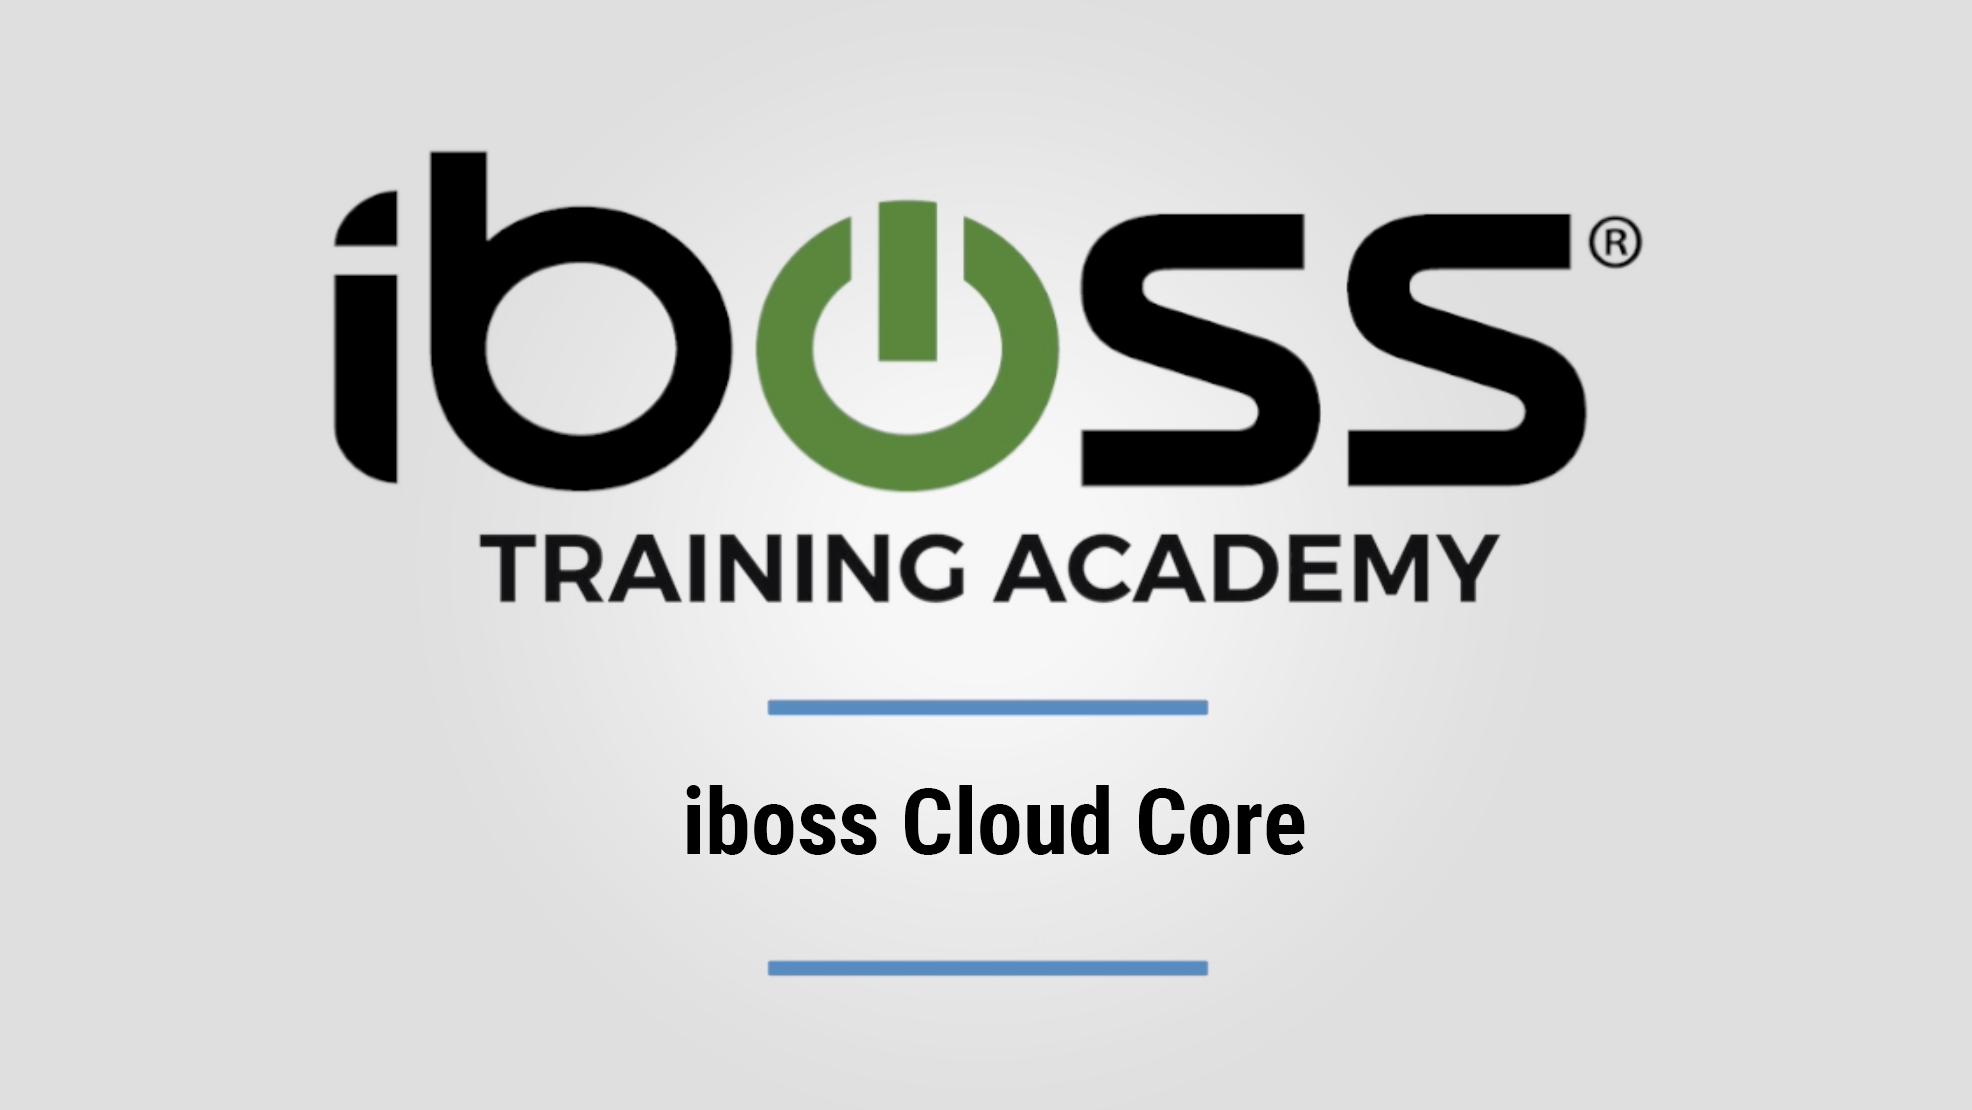 iboss Cloud Core Accreditation